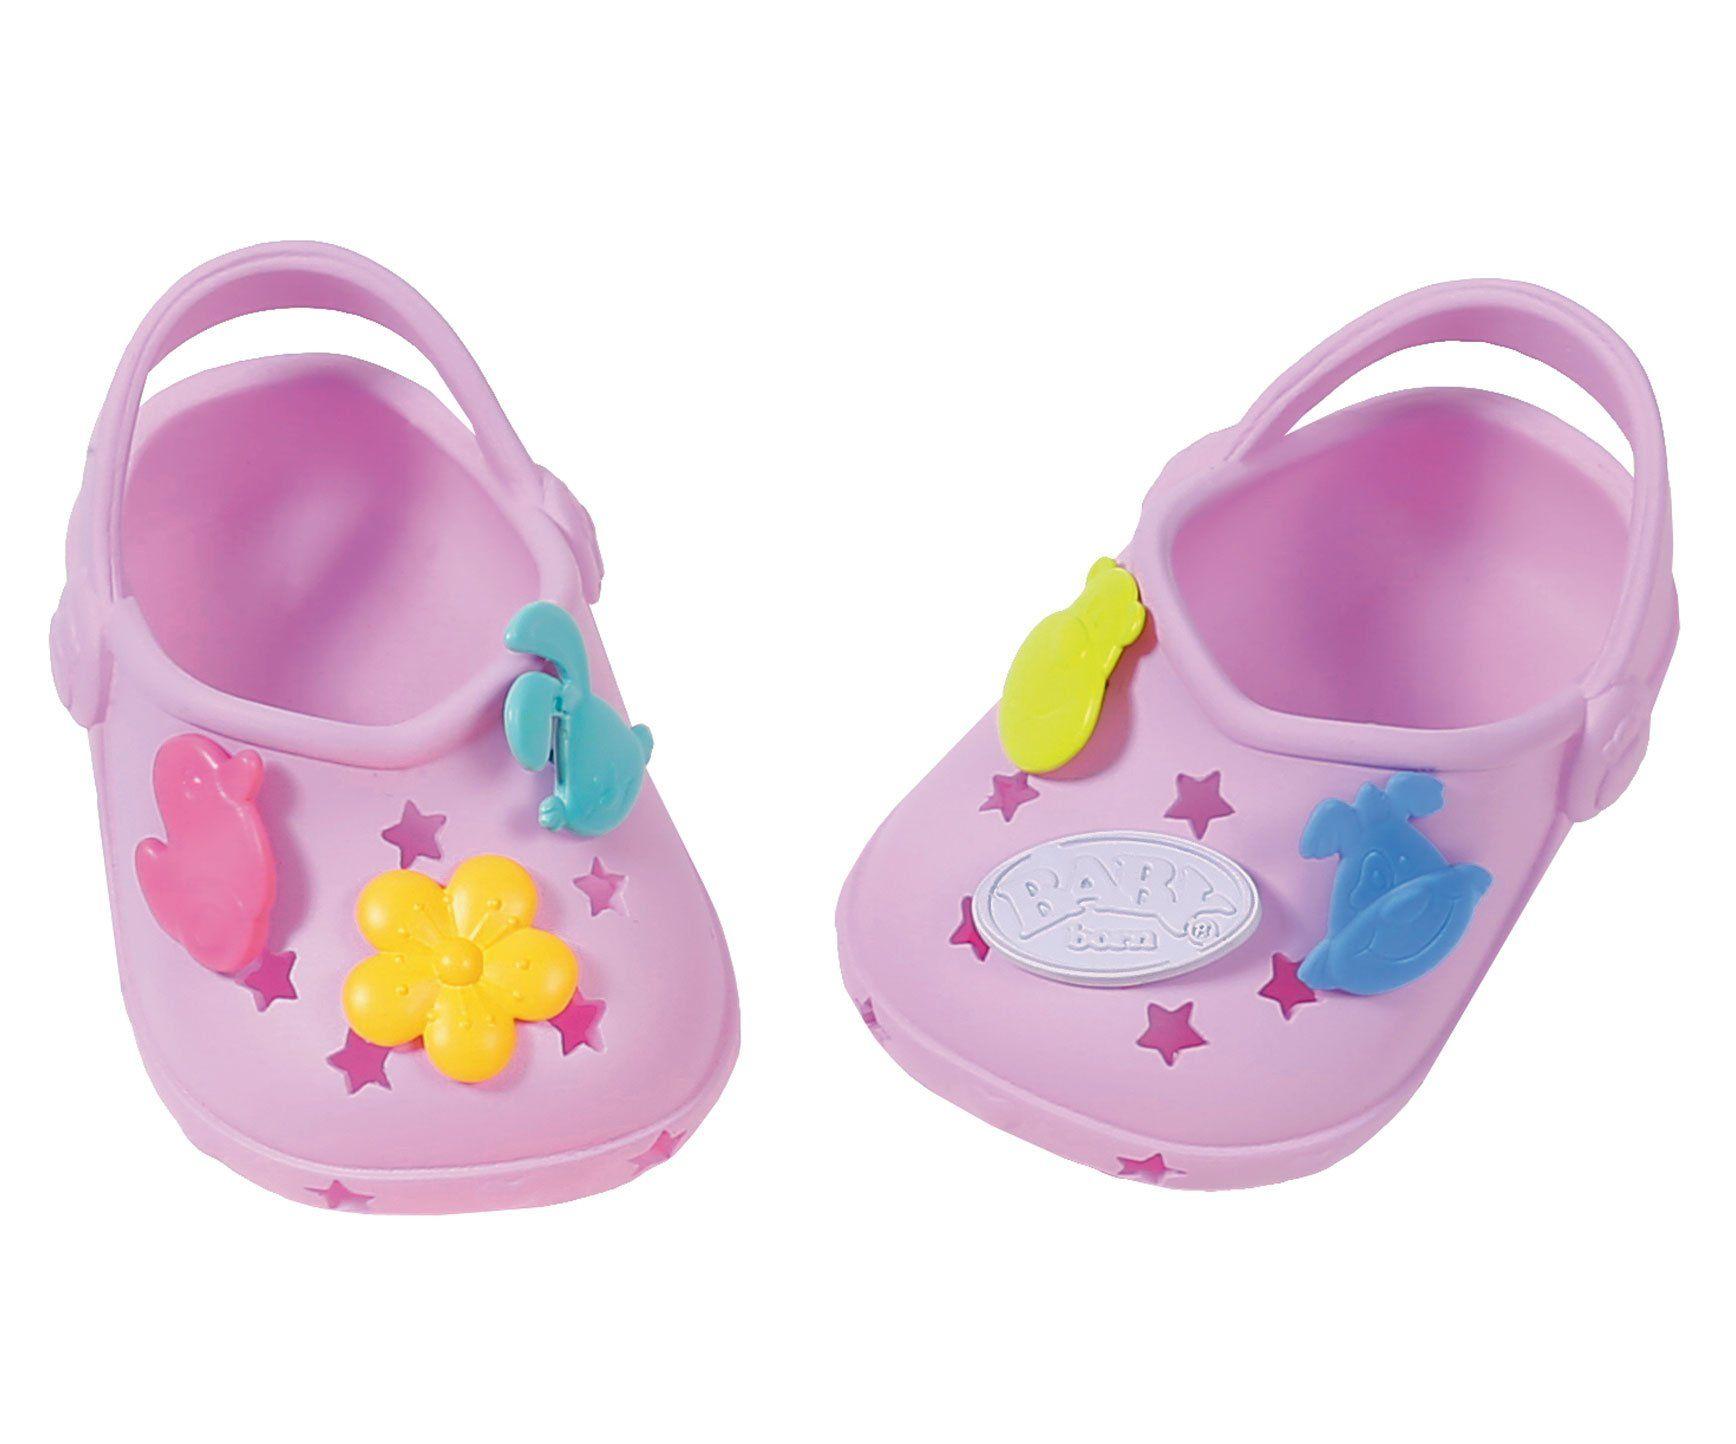 Buciki Z Przypinkami Dla Lalki Baby Born 43 Cm Crocs W Kolorze